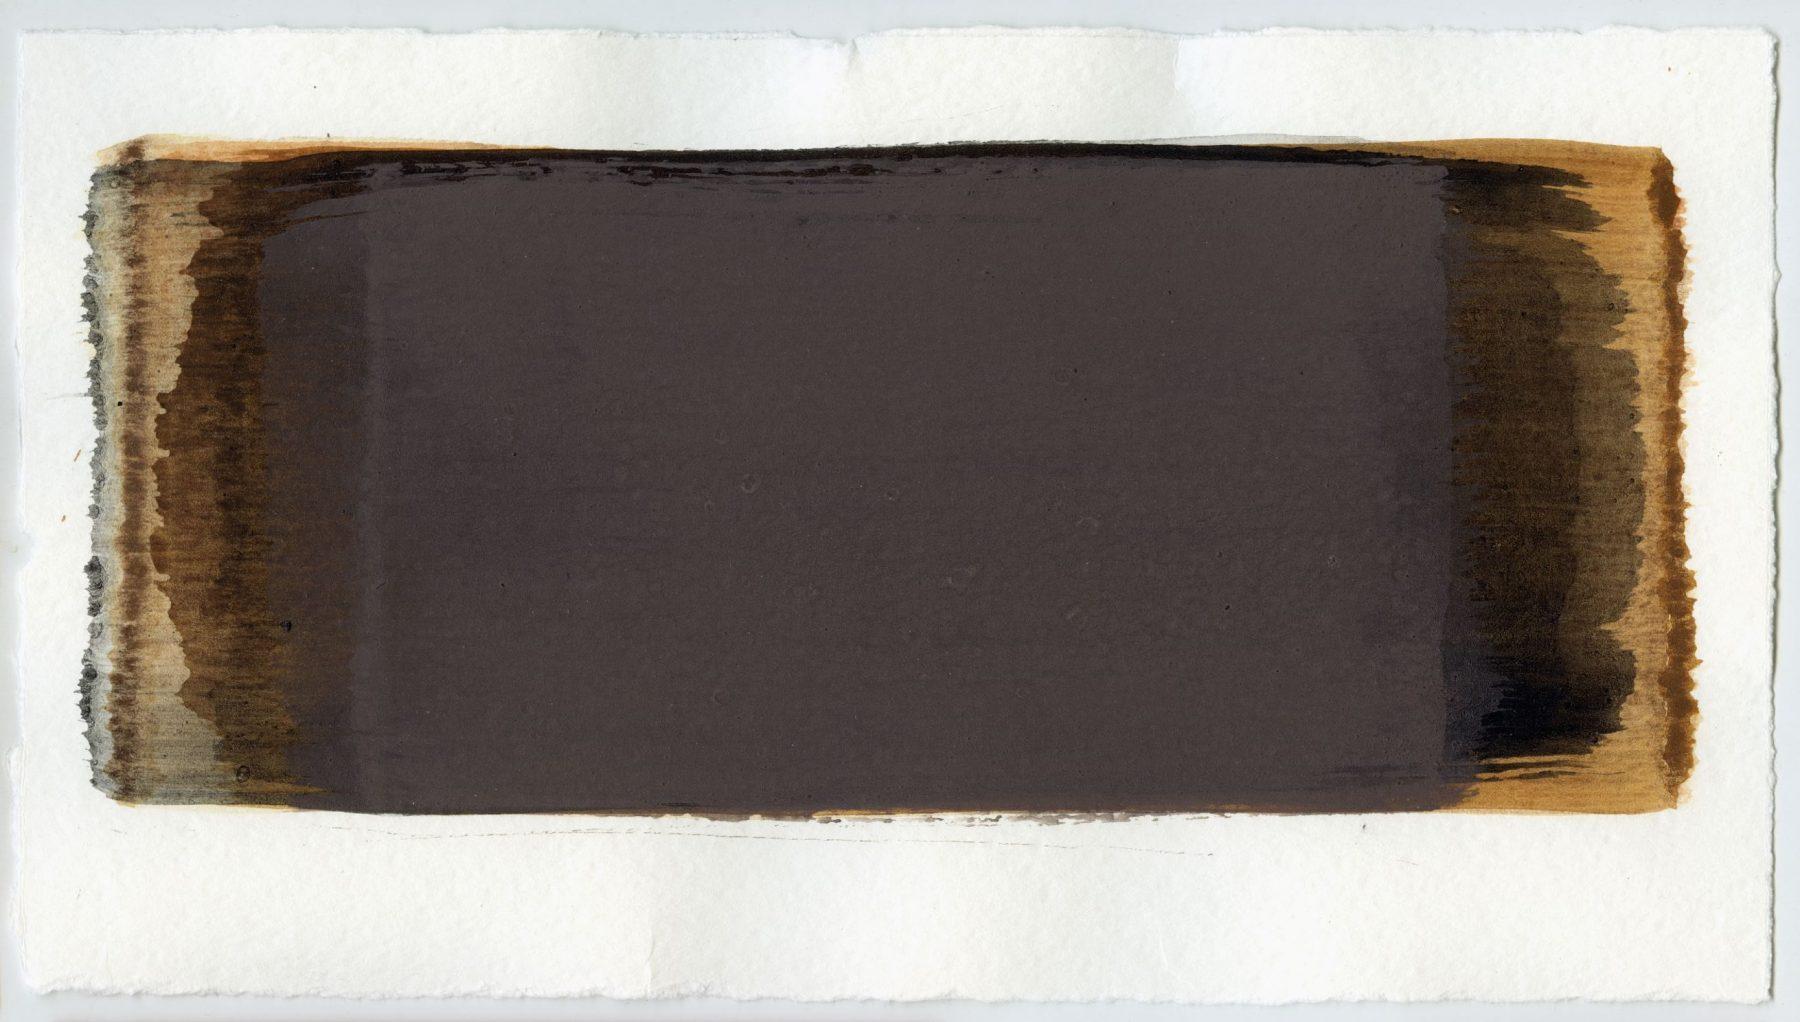 Brush stroke no. 18 - Selfmade pigment: IJzeroer gebrand, Boekels roze, IJzeroer, Slingerpad zwart, Mortel paarsgrijs fijn